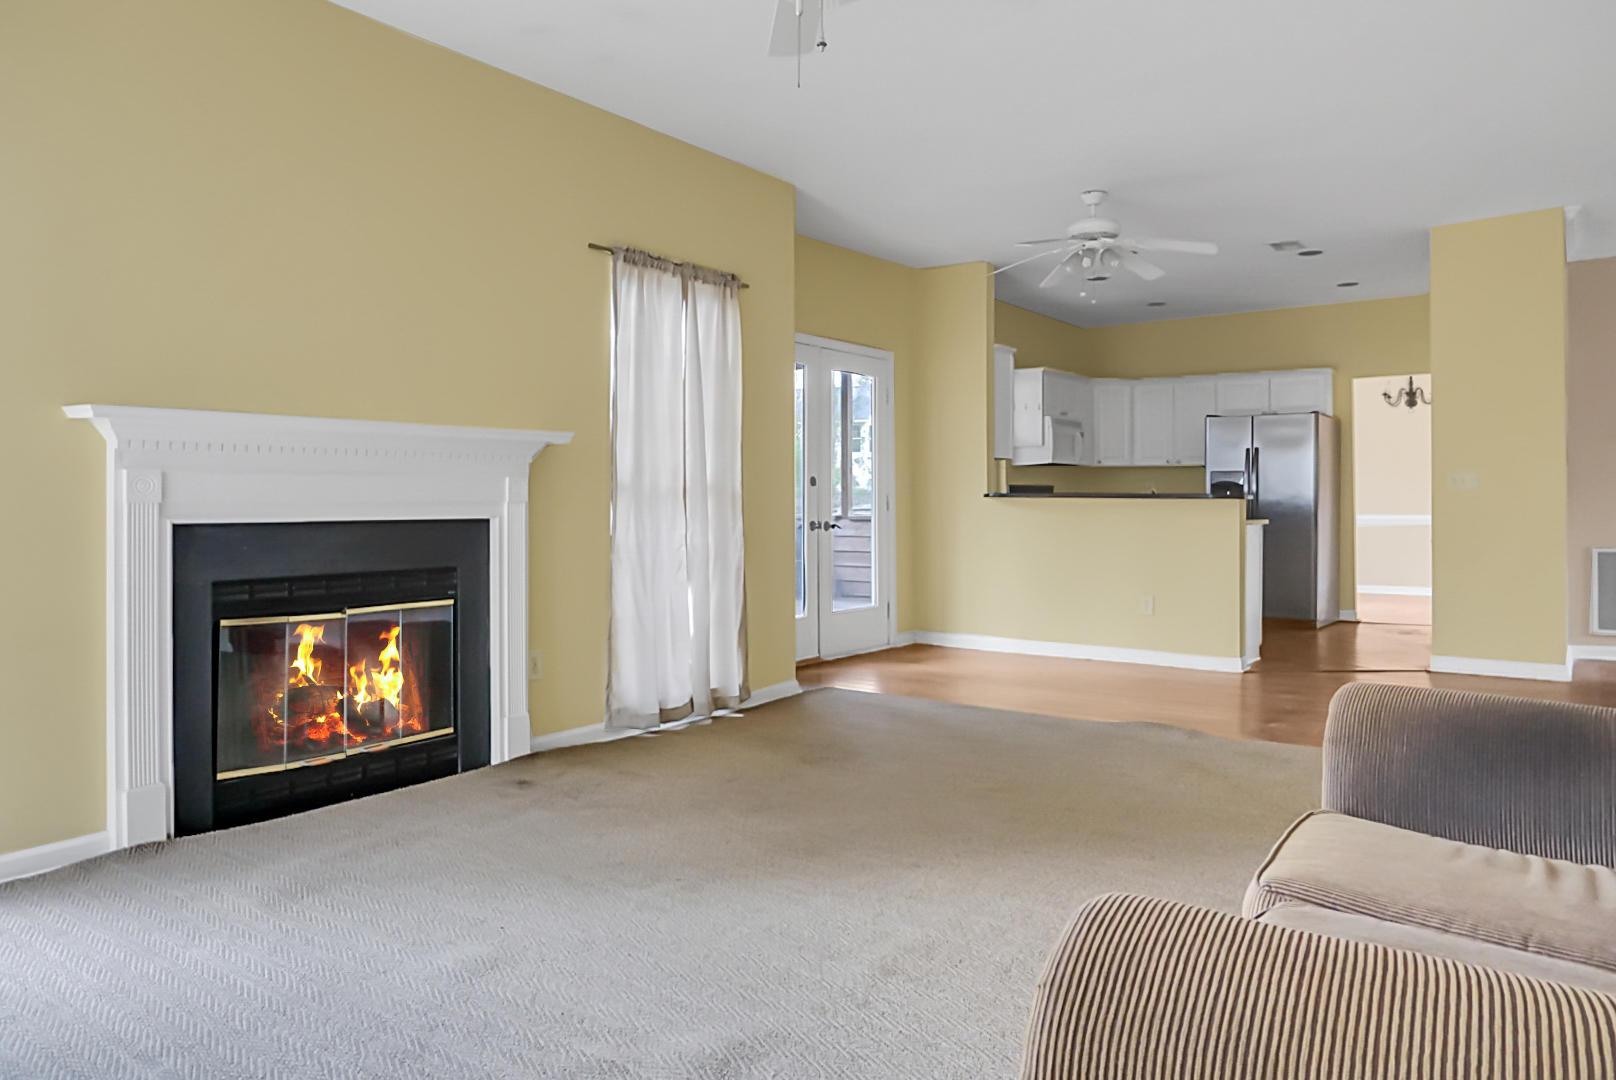 Dunes West Homes For Sale - 3209 Carmel Bay, Mount Pleasant, SC - 30